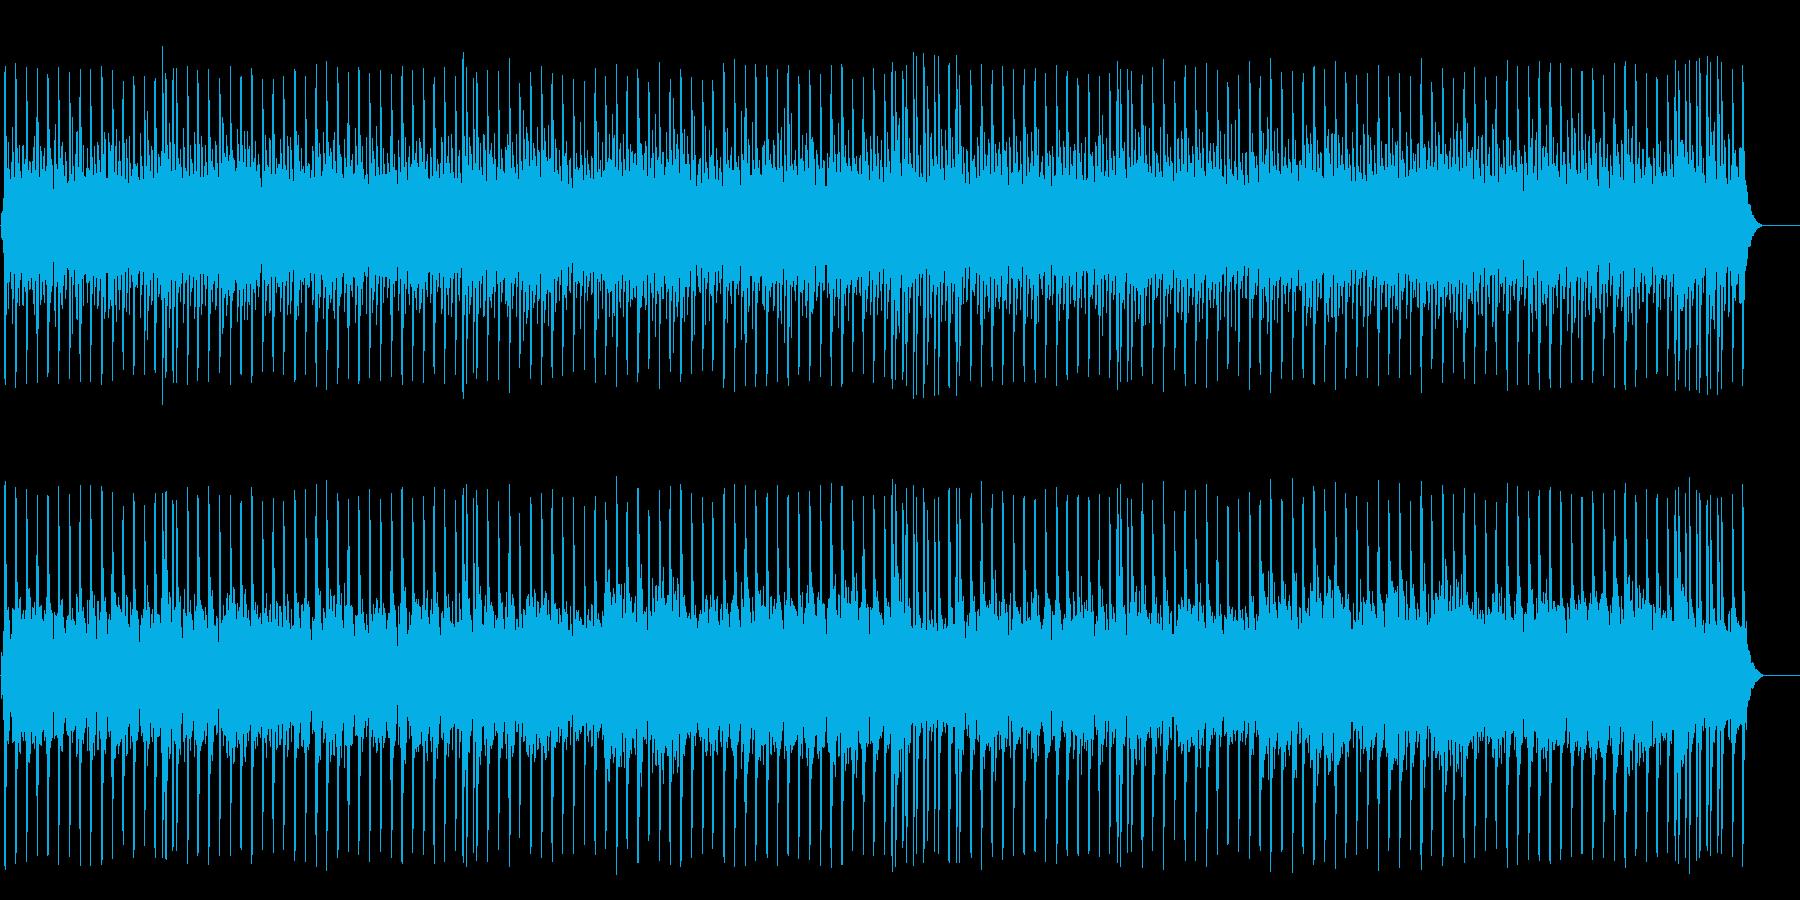 懐古的で温かいセミクラ(フルサイズ)の再生済みの波形